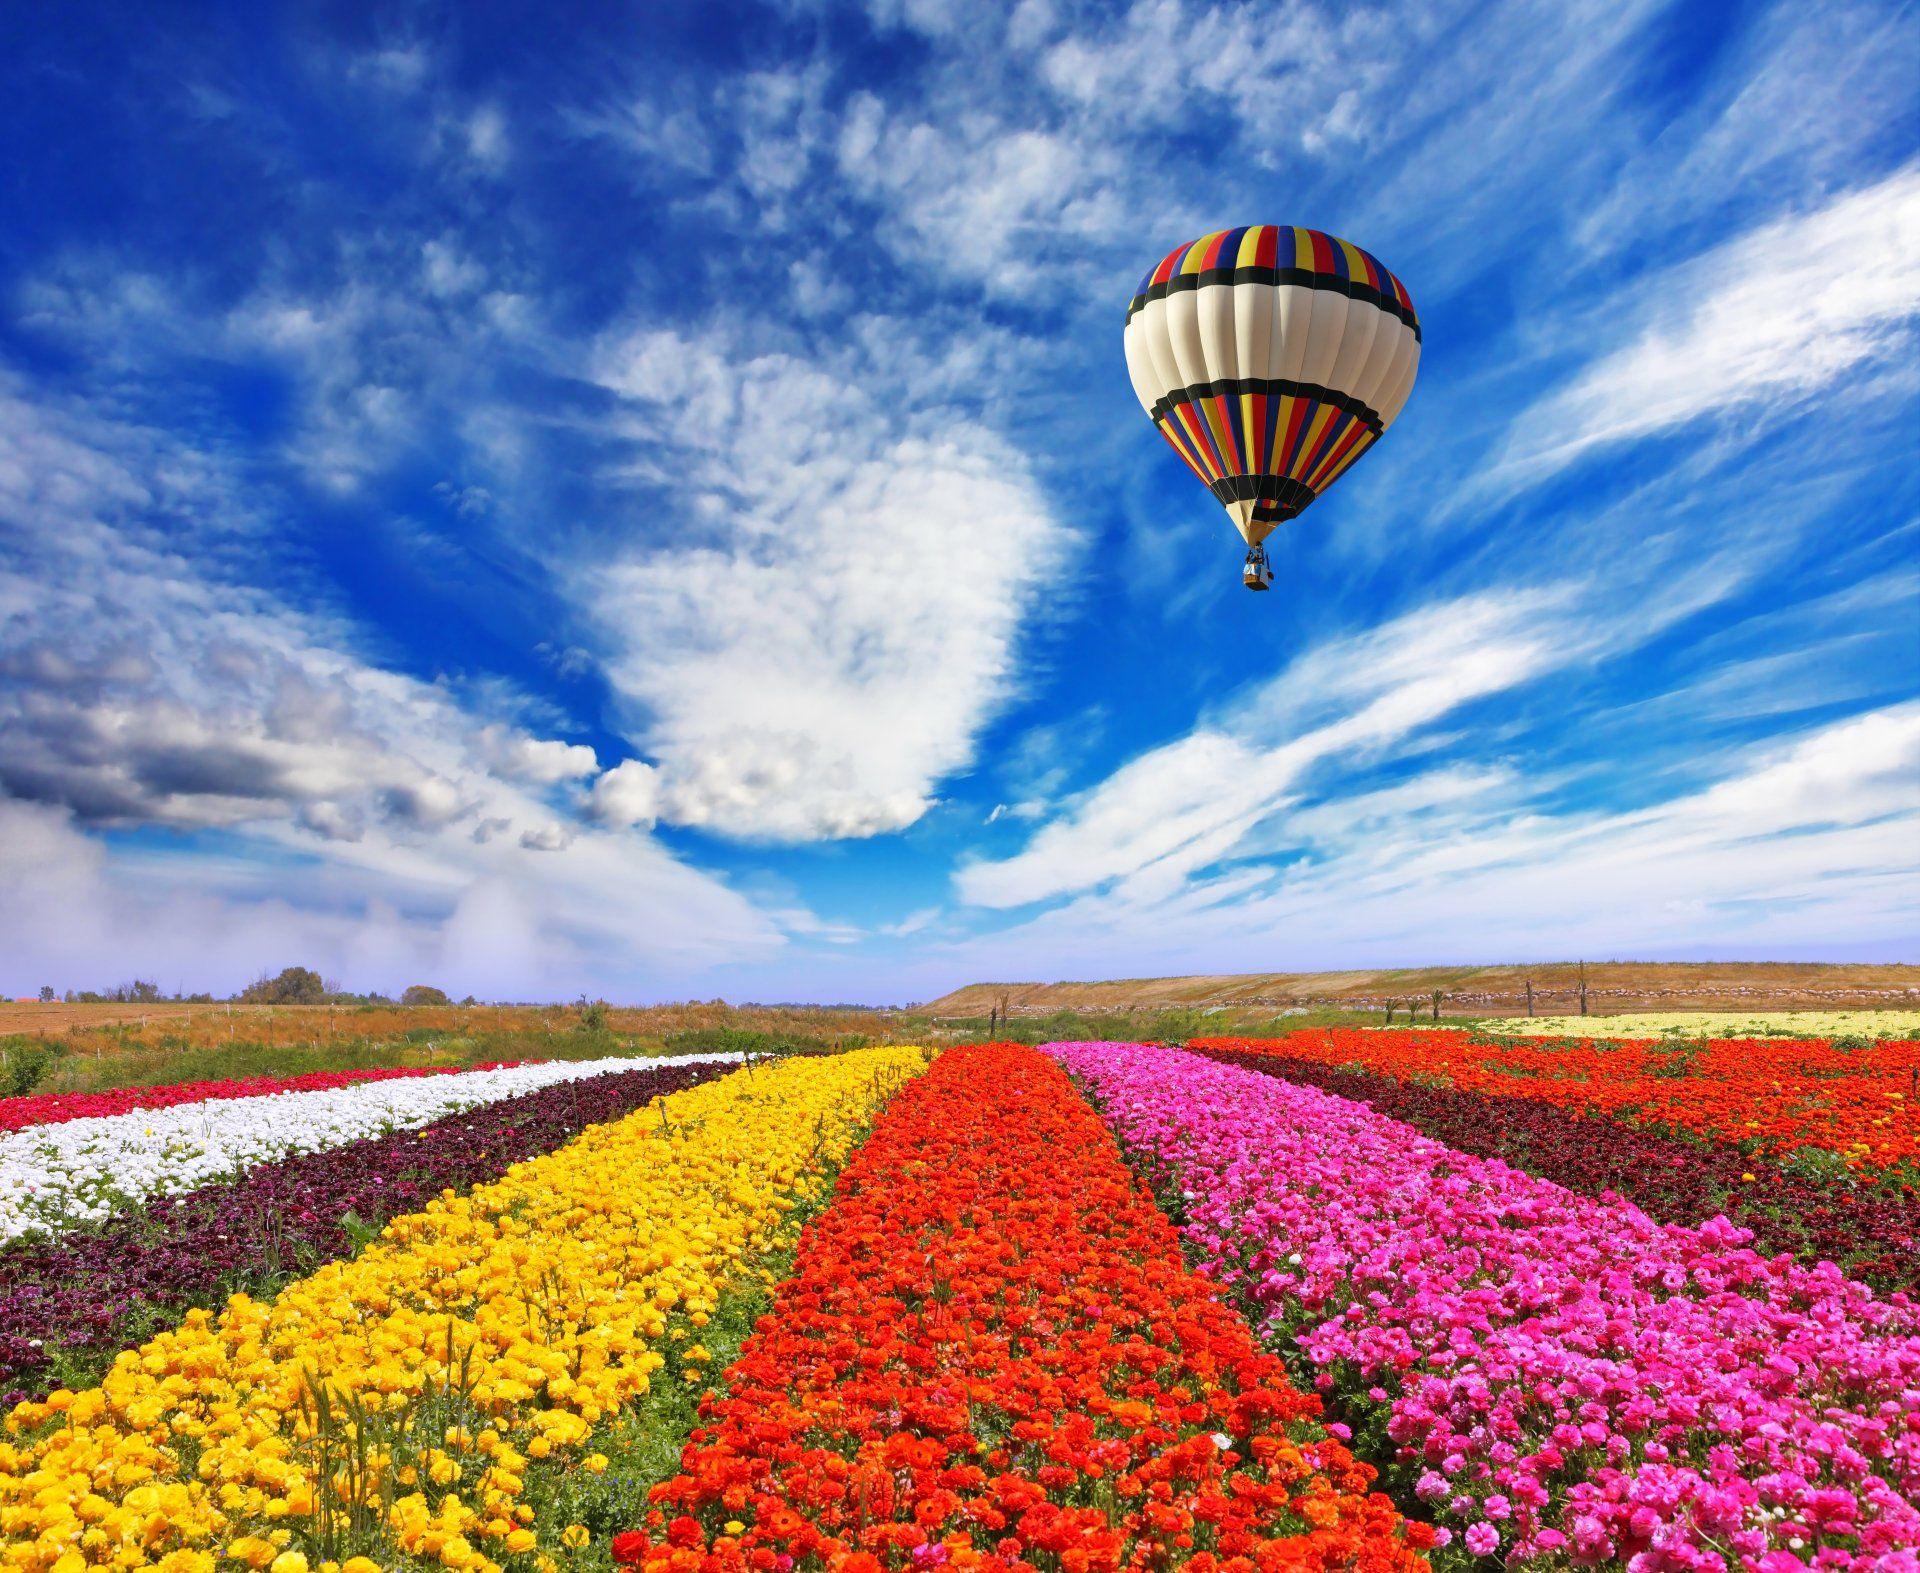 Vehicles Hot Air Balloon Sky Cloud Flower Field Yellow